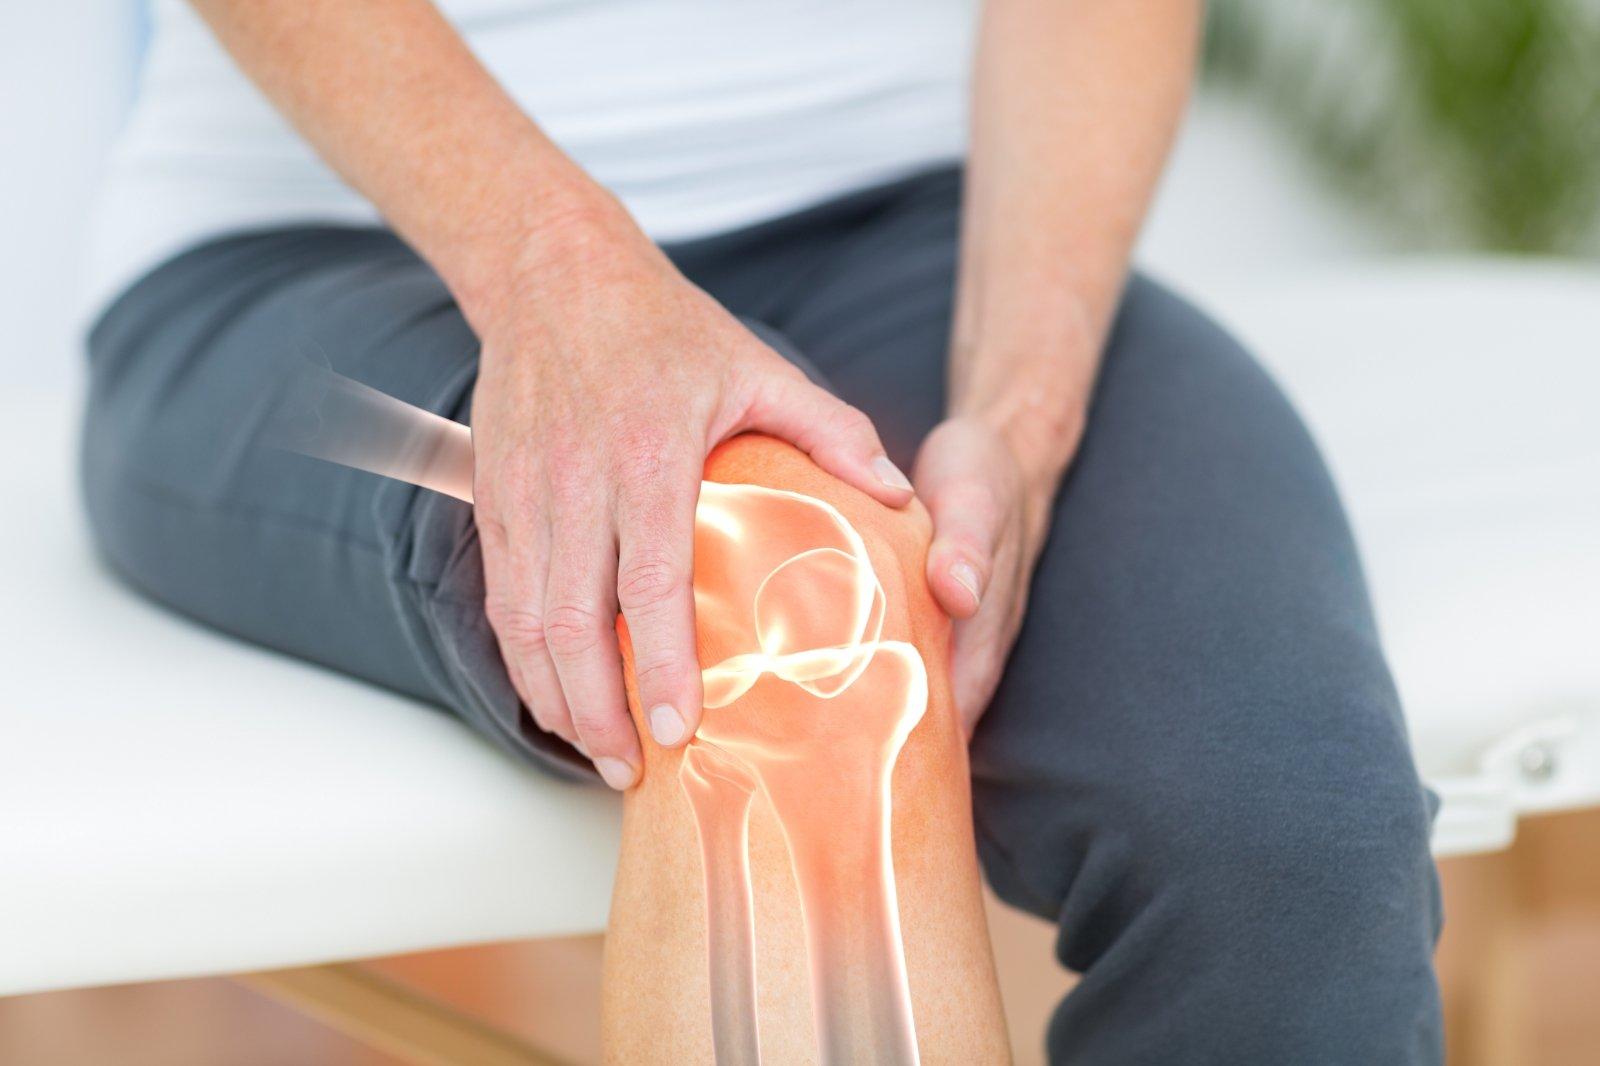 produktai prieš sąnarių uždegimas potrauminio artrozė gydymas namuose